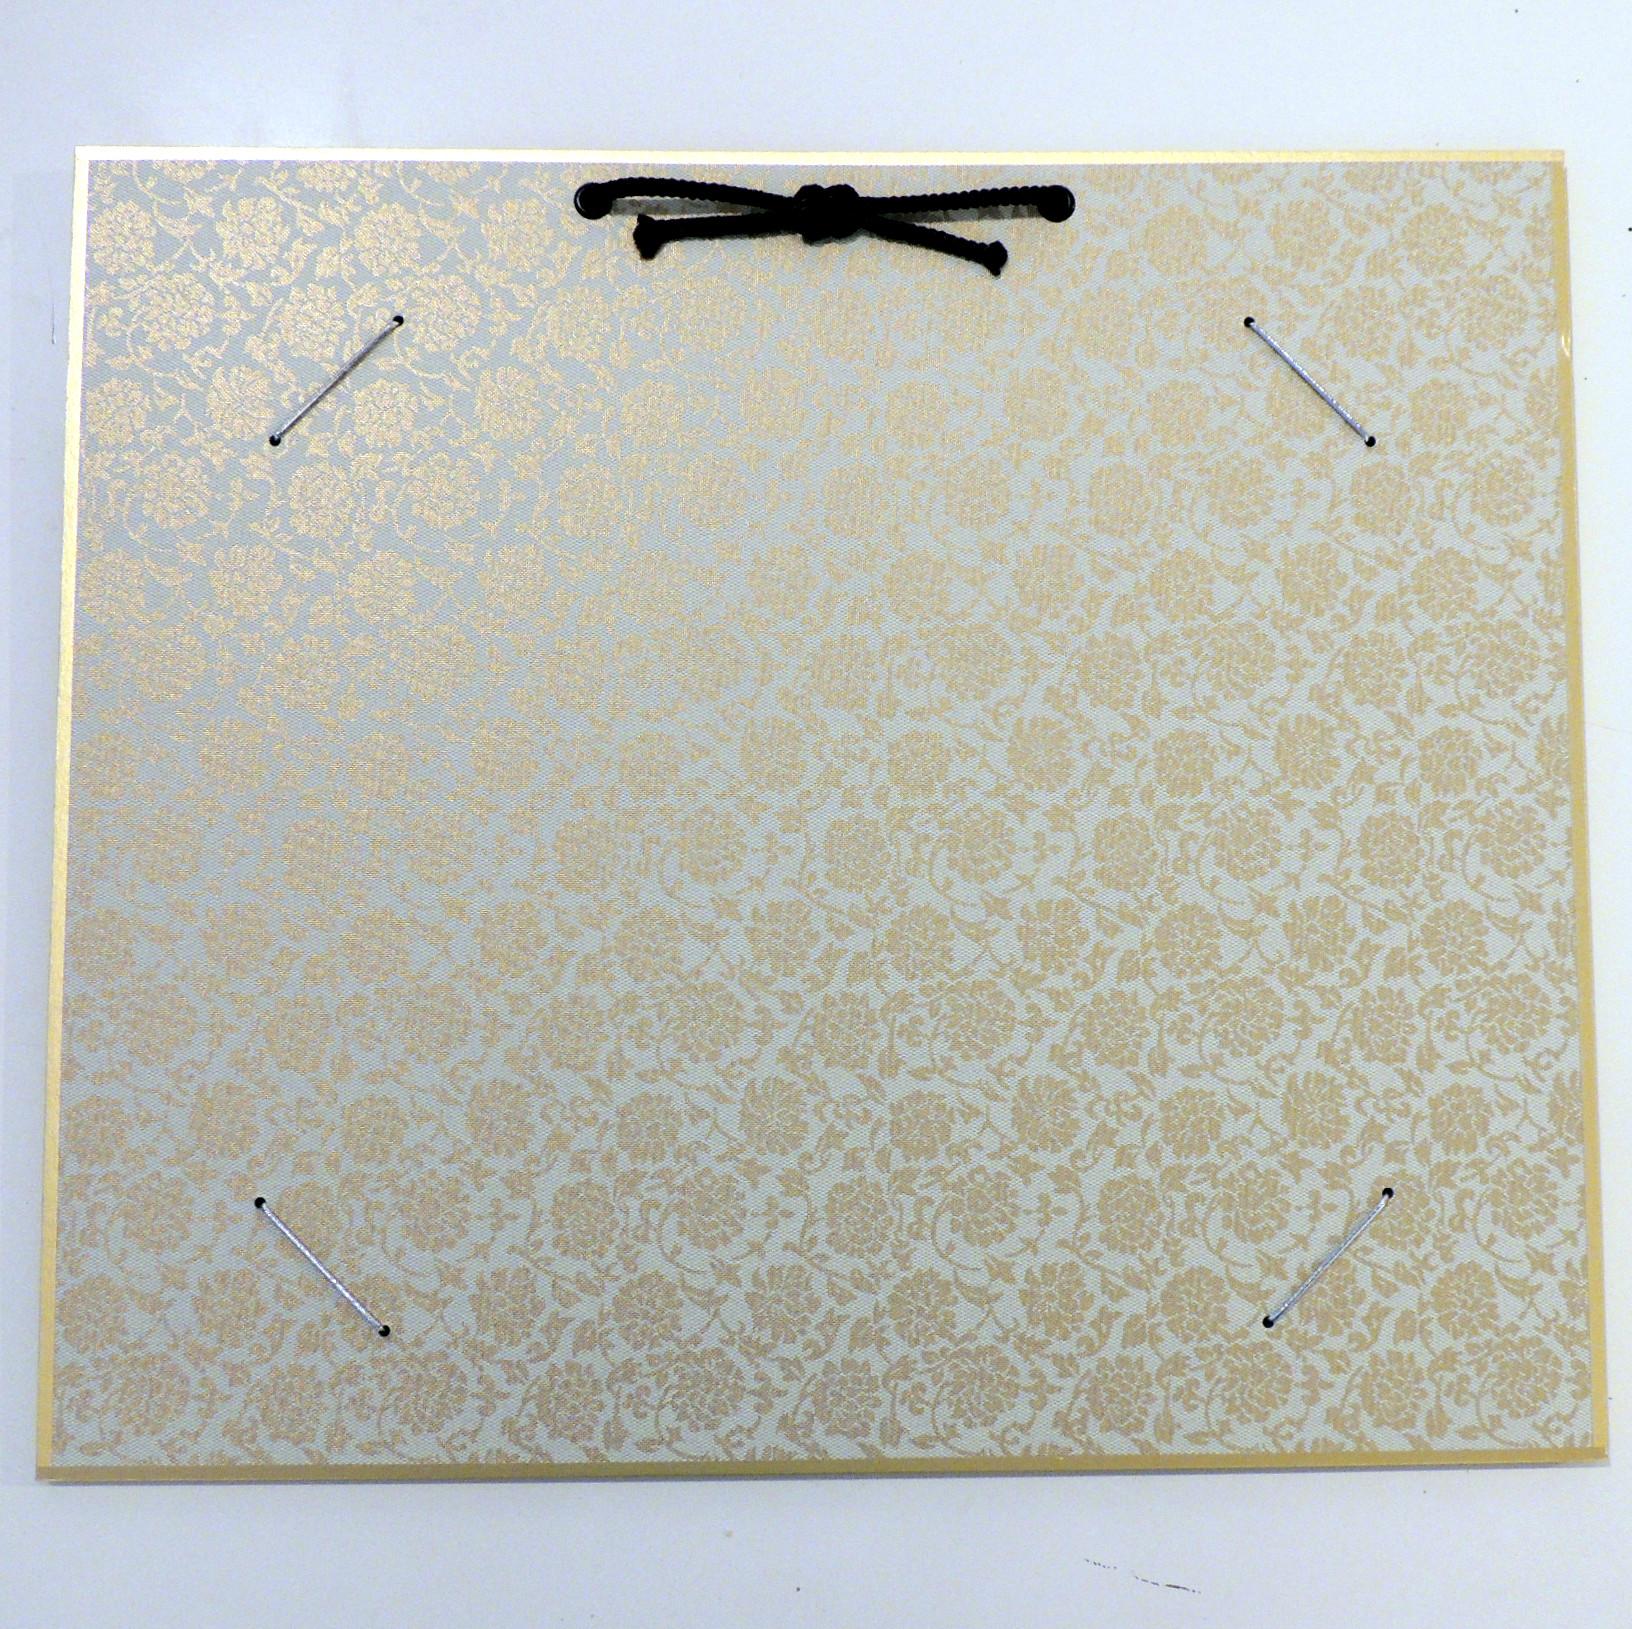 HrahmSQ-weiss   Hänge-Bilderrahmen für Shikishi-Papier aus hartem